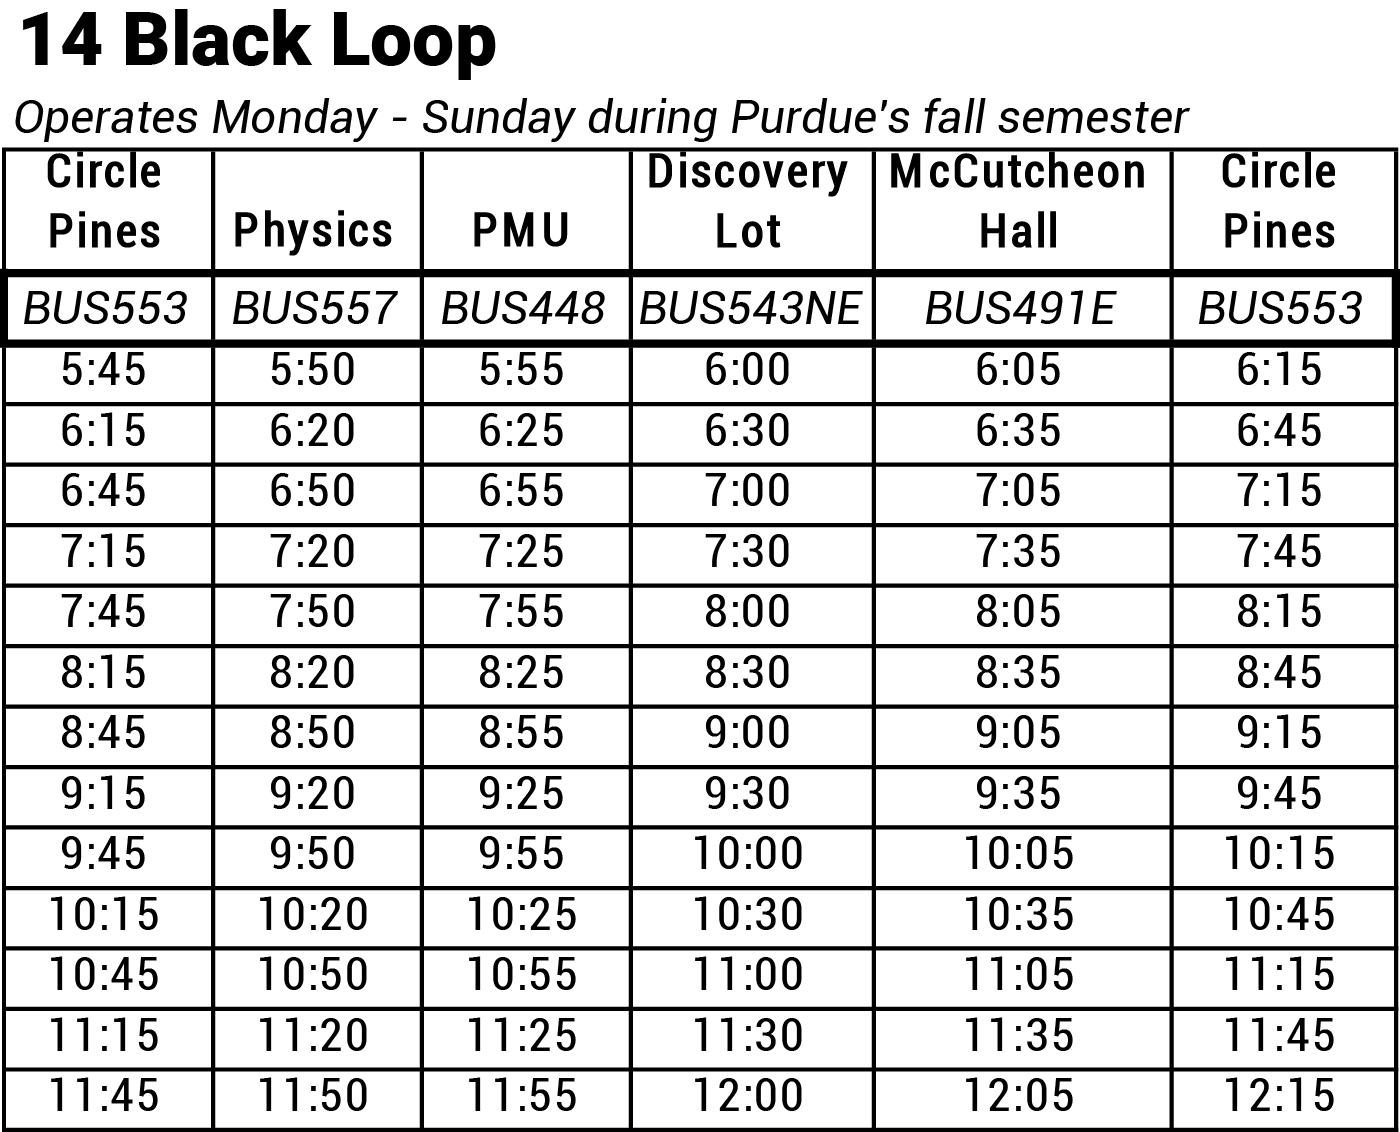 14 Black Loop map